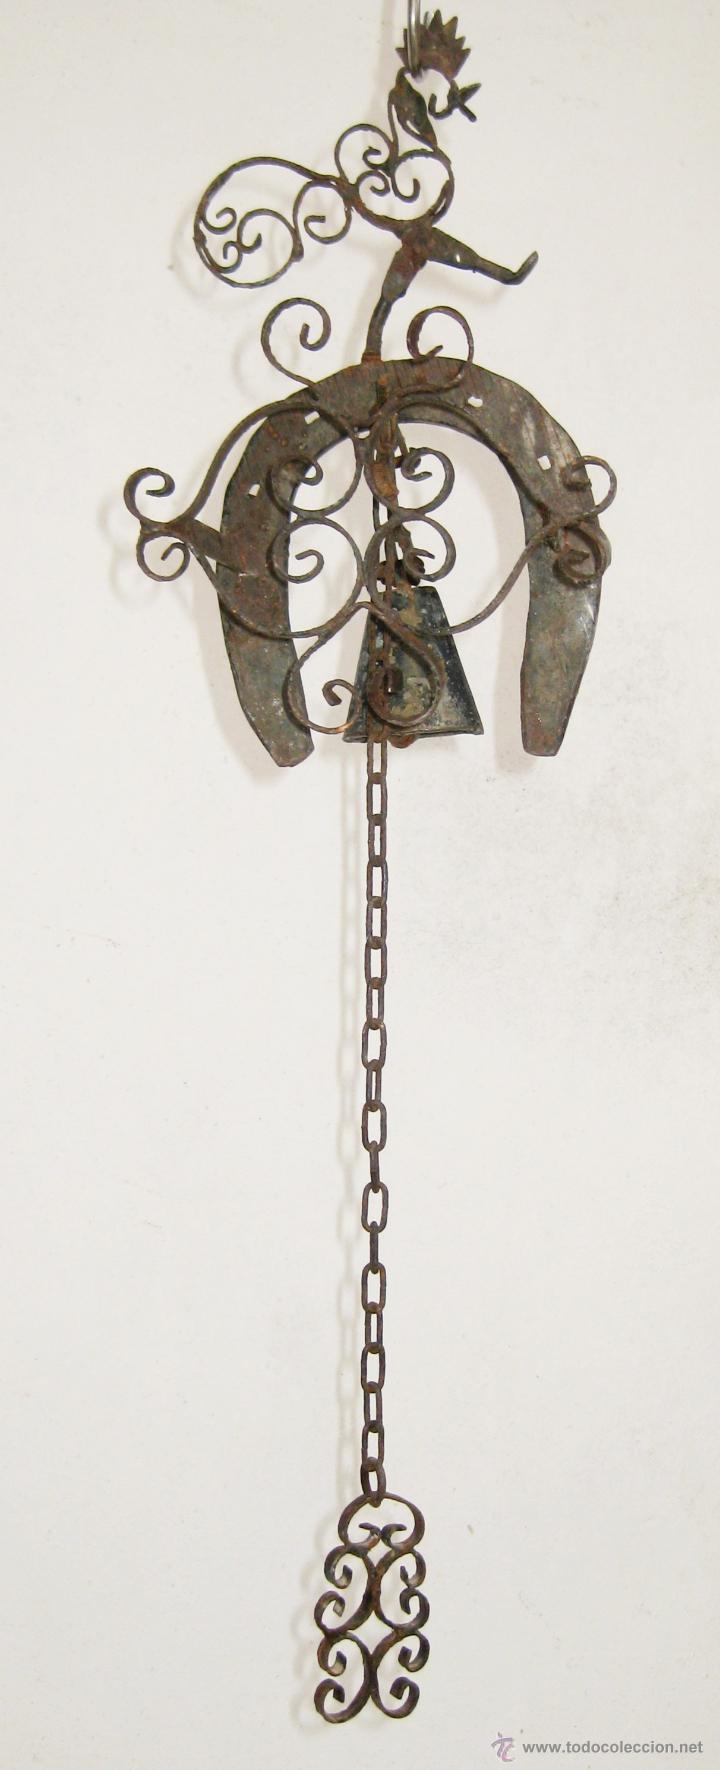 EXCEPCIONAL Y UNICO LLAMADOR EN FORJA ANTIGUO EXTERIOR CAMPANA CON GALLINA O GALLO Y HERRADURA XVIII (Antigüedades - Técnicas - Cerrajería y Forja - Llamadores Antiguos)